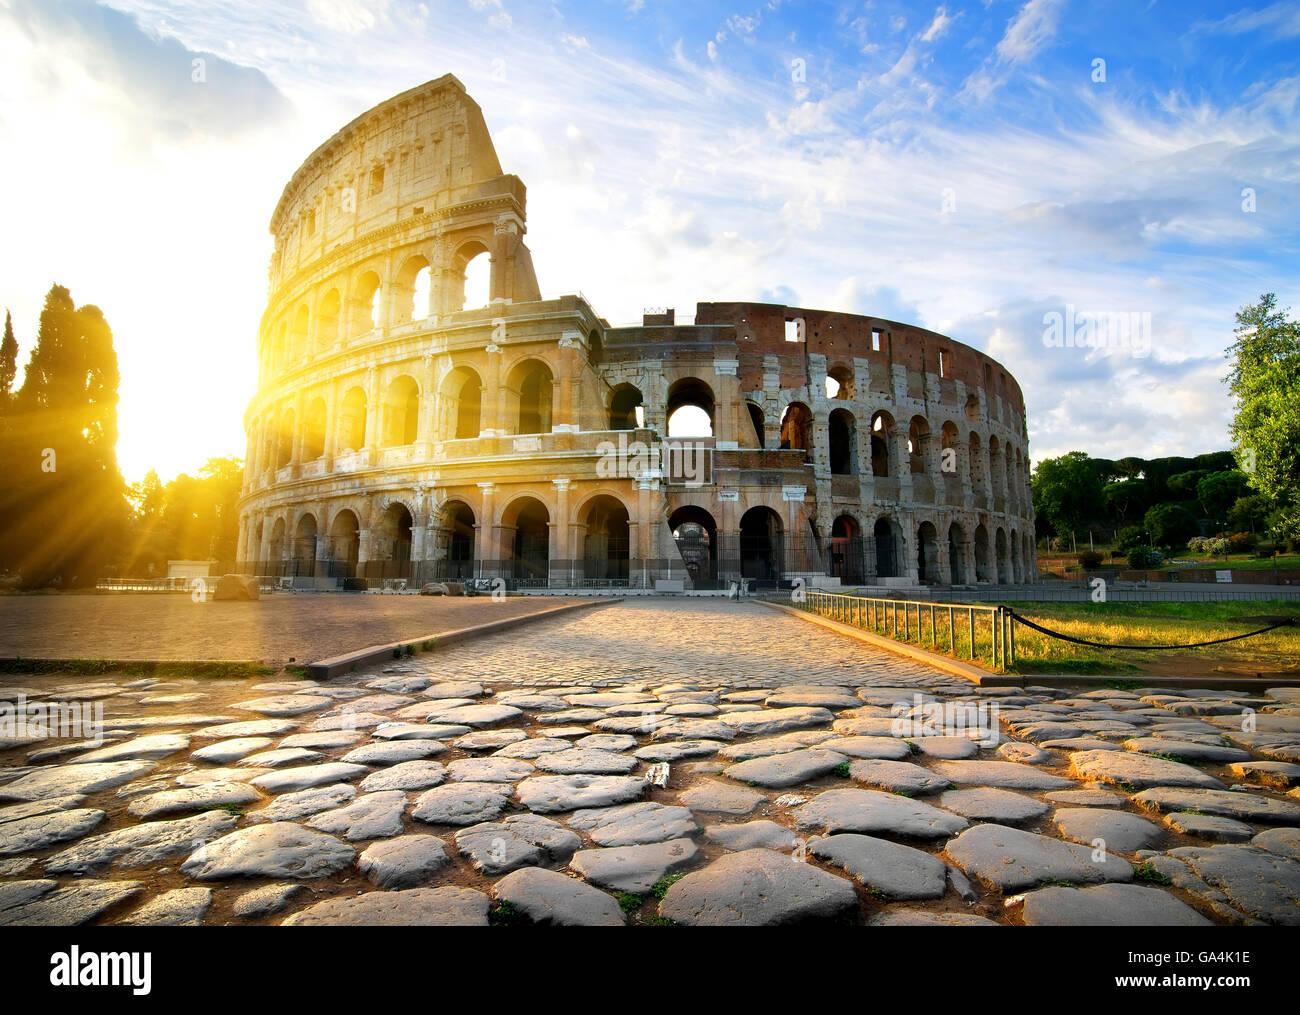 Coliseo de Roma al alba, Italia Imagen De Stock